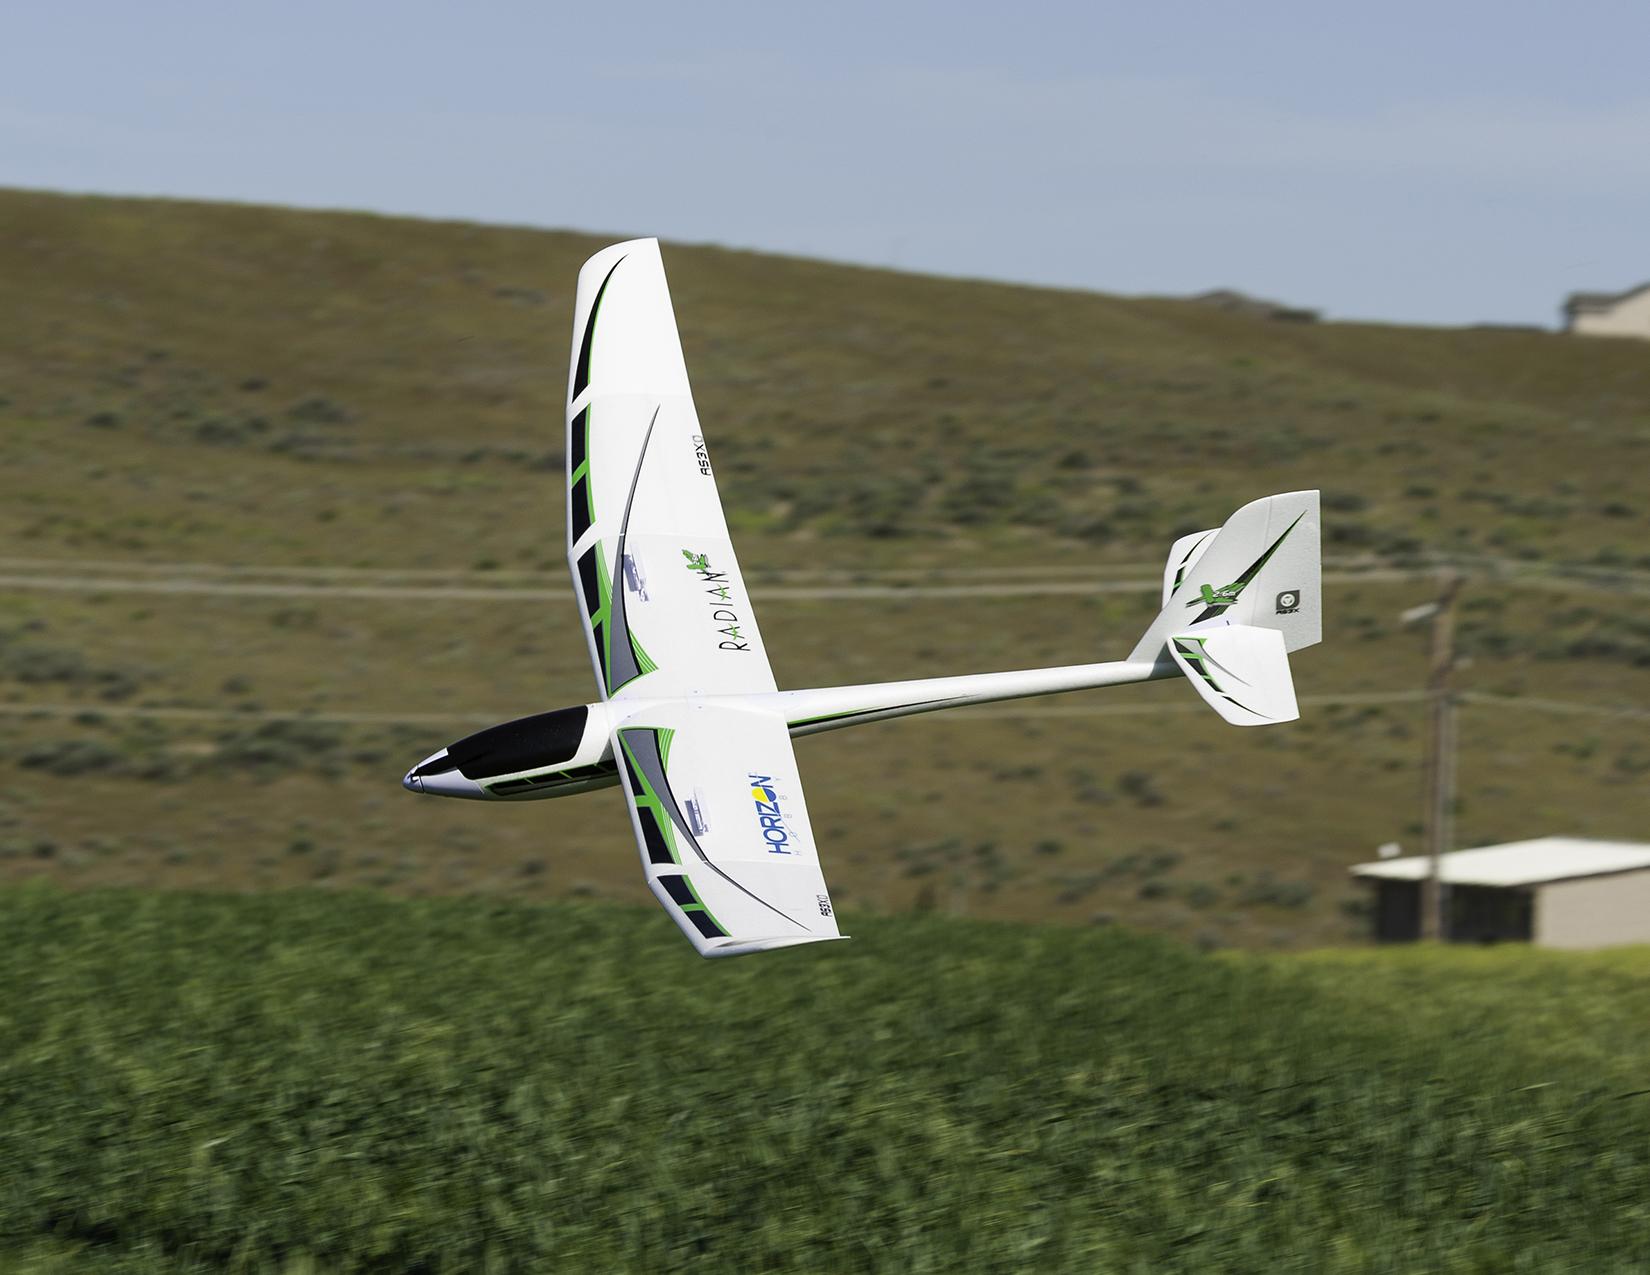 Radian 2.6M glider